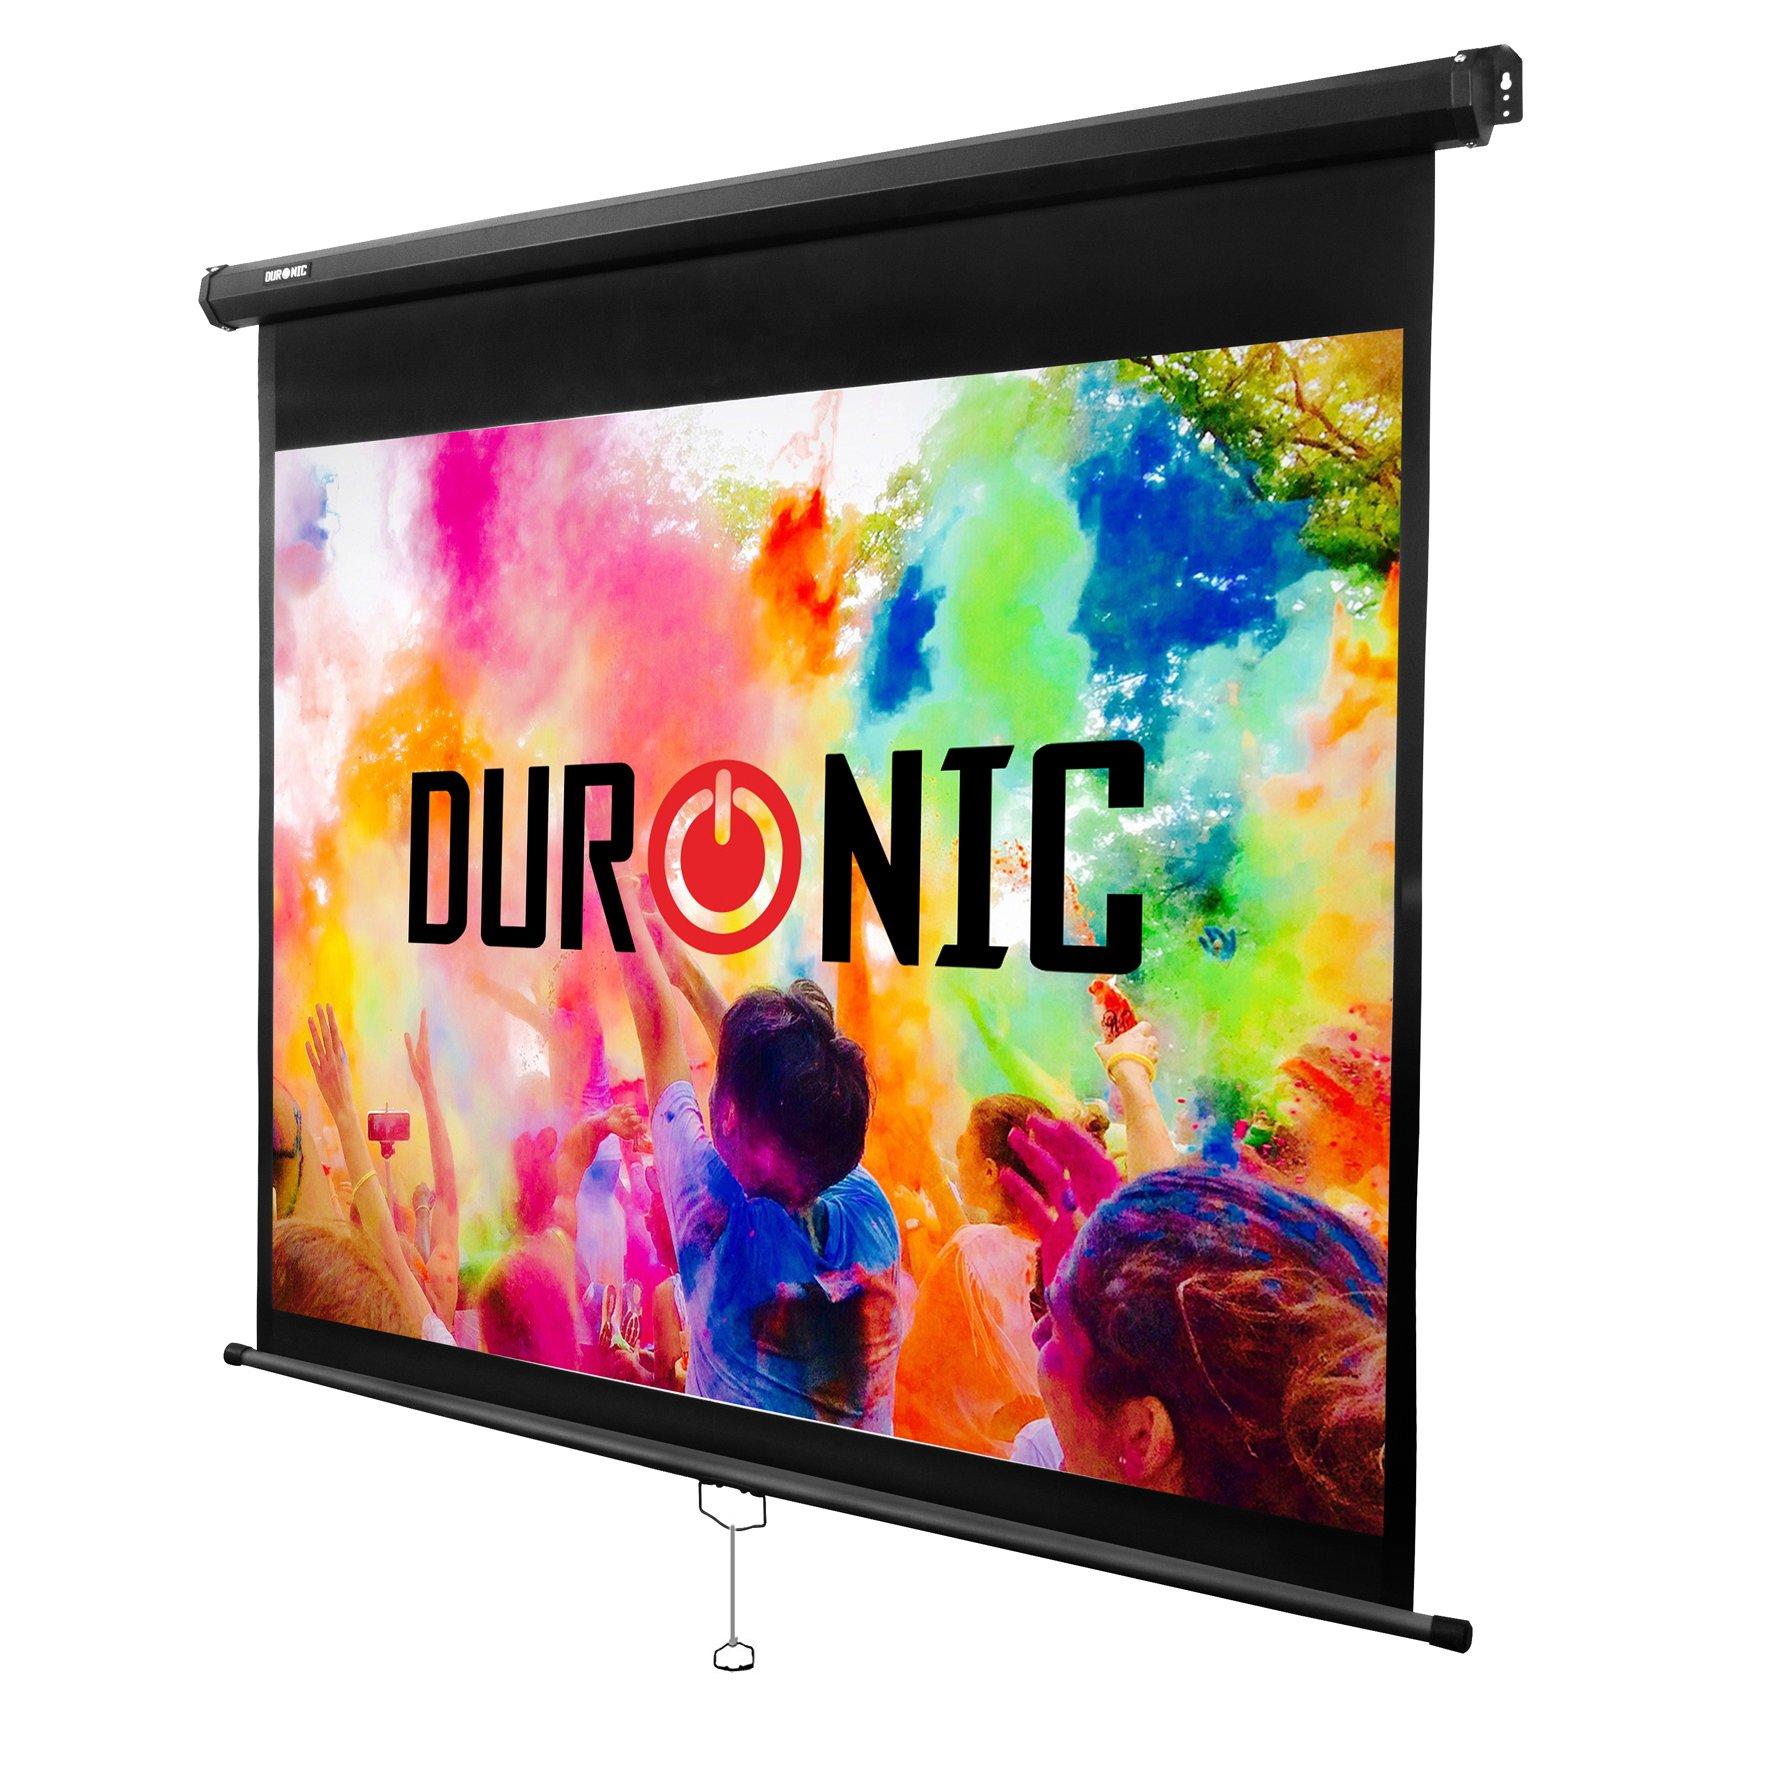 """Duronic MPS60 /43 Pantalla de Proyección Enrollable Manual, Pantalla para Proyector 60"""" 4:3 (122 x 91 cm), Full HD y 3D, Fijación de Pared y Techo: Amazon.es: Electrónica"""